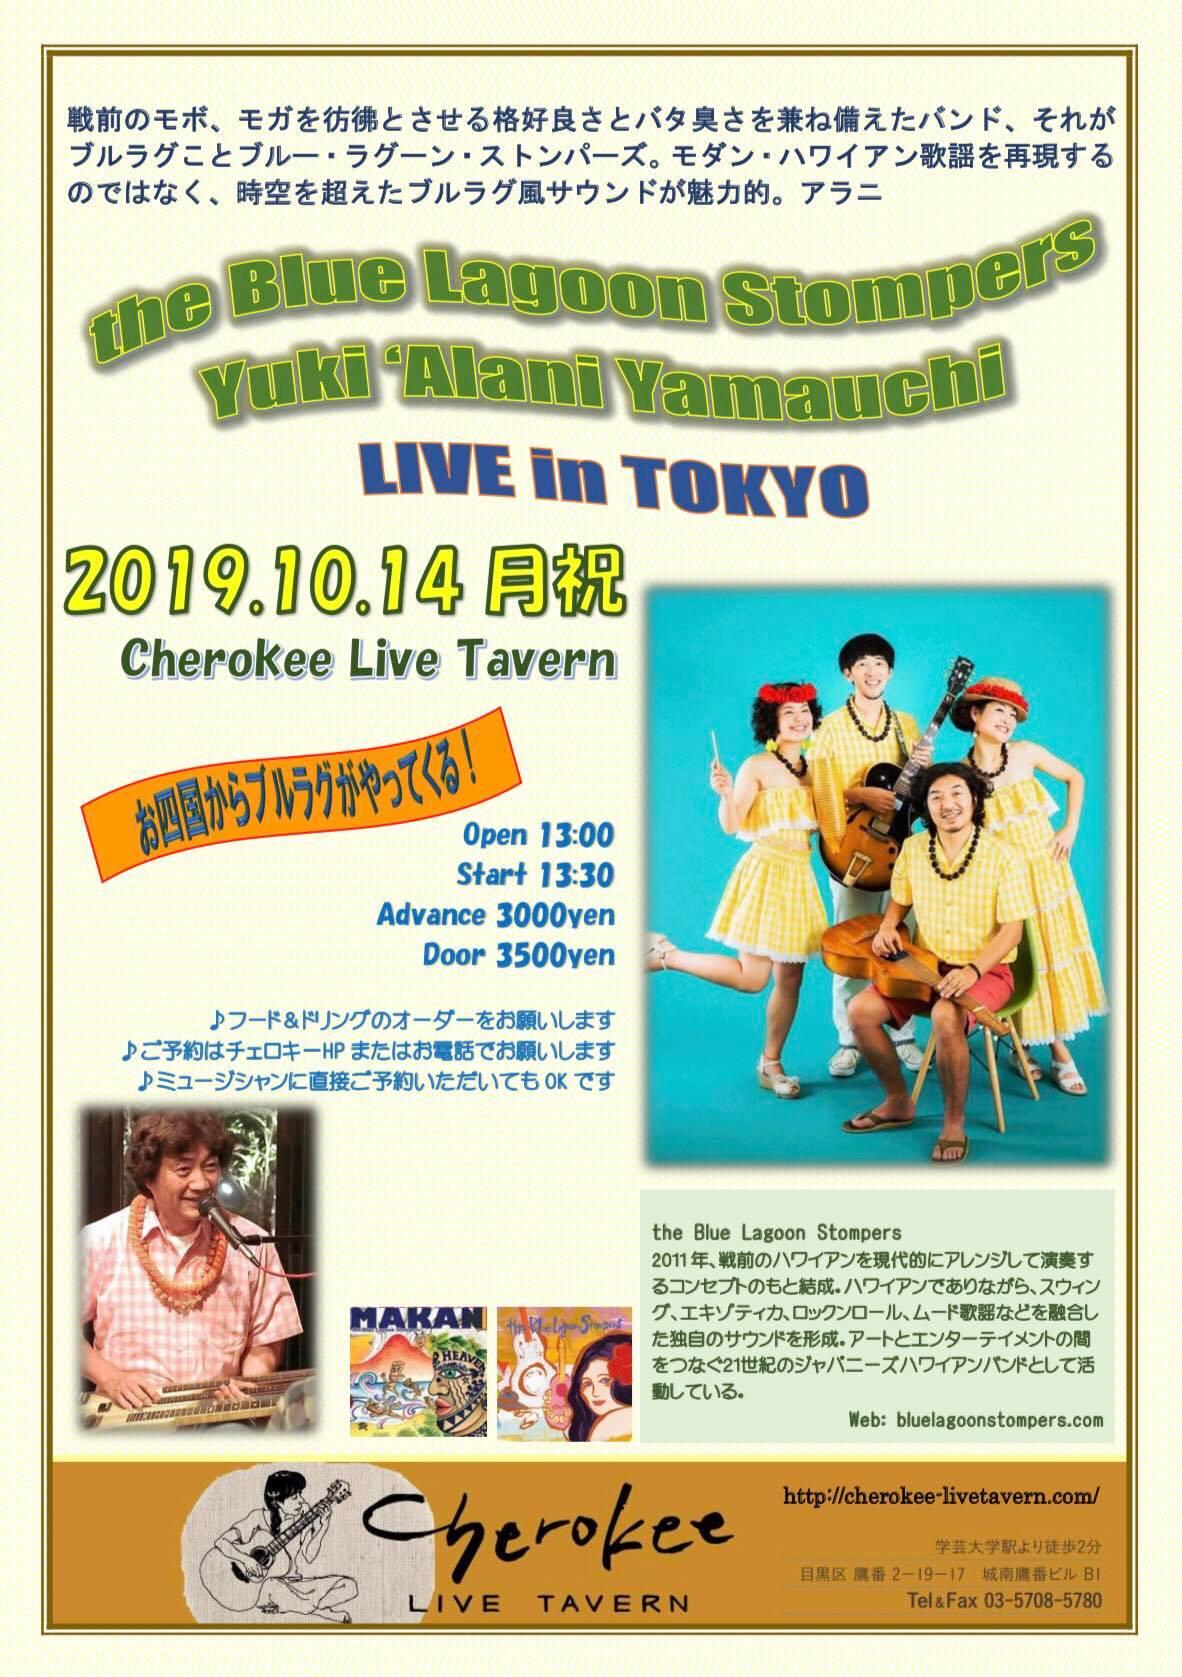 東京 the Blue Lagoon Stompers, Yuki ʻAlani Yamauchi @ Cherokee Live Tavern